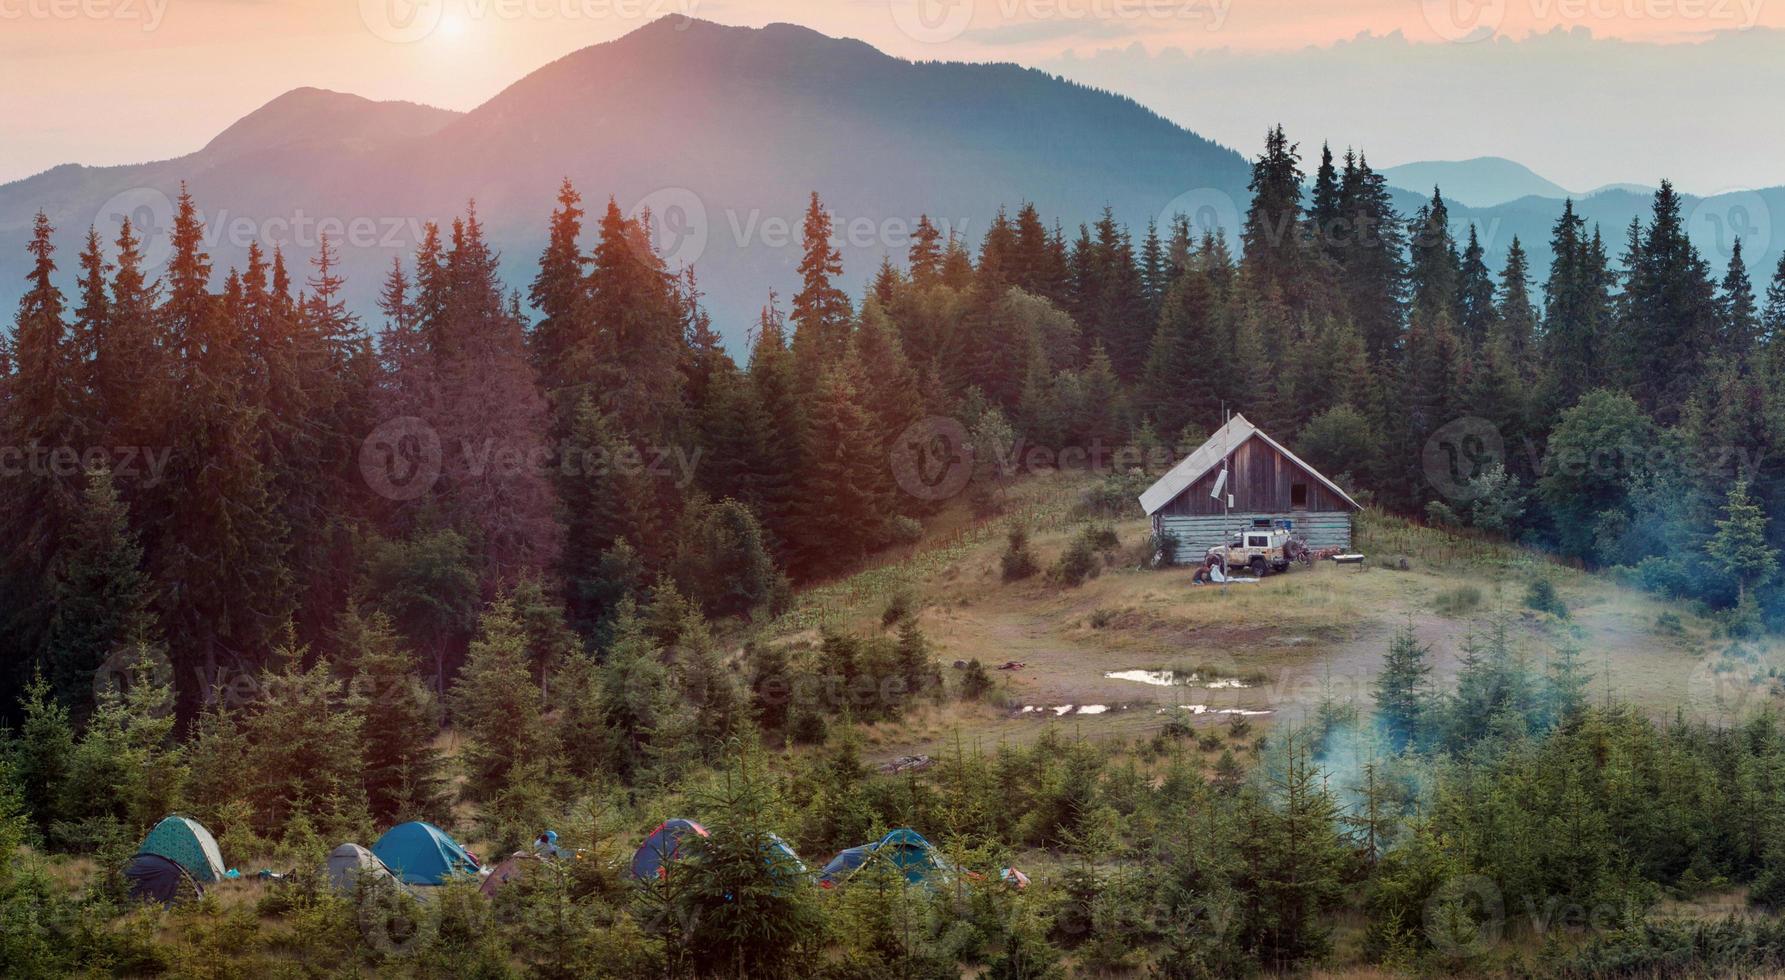 camping i bergen vid solnedgången foto